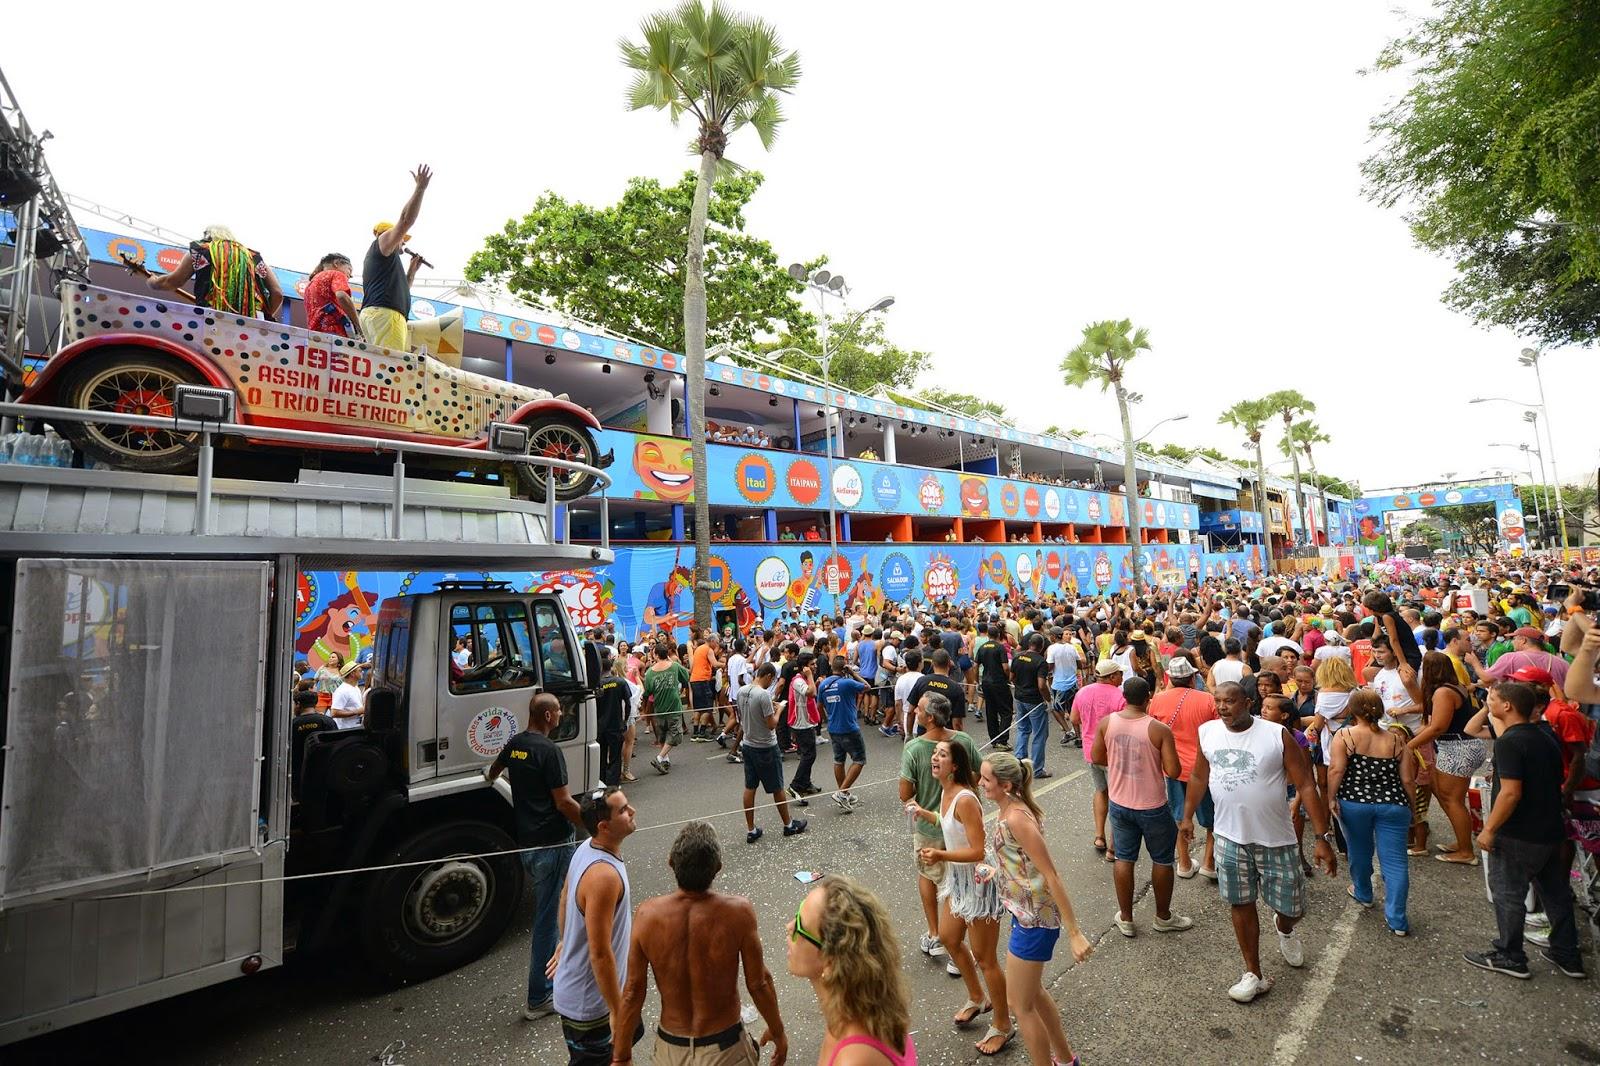 Circuito Osmar : Fobica de dodô e osmar arrasta multidão na avenida